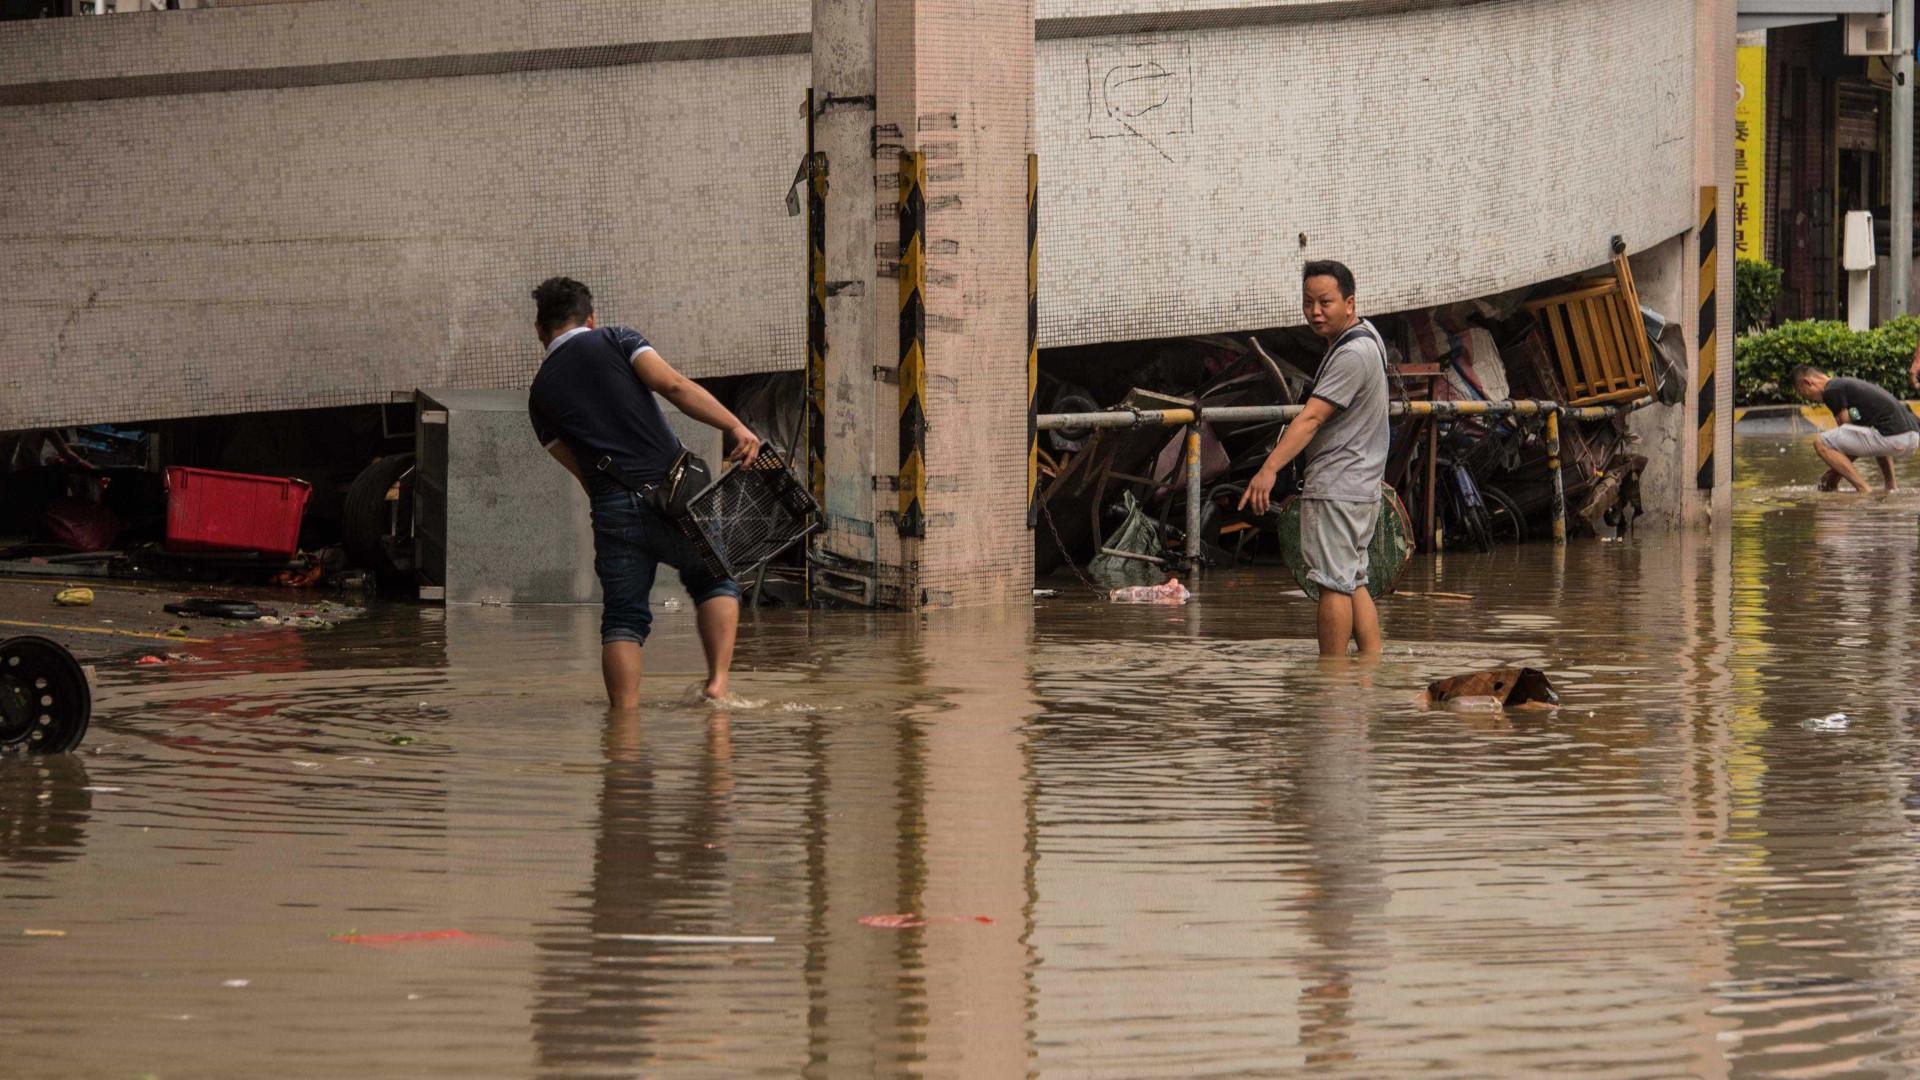 Oito vídeos que mostram a devastação do Tufão Hato